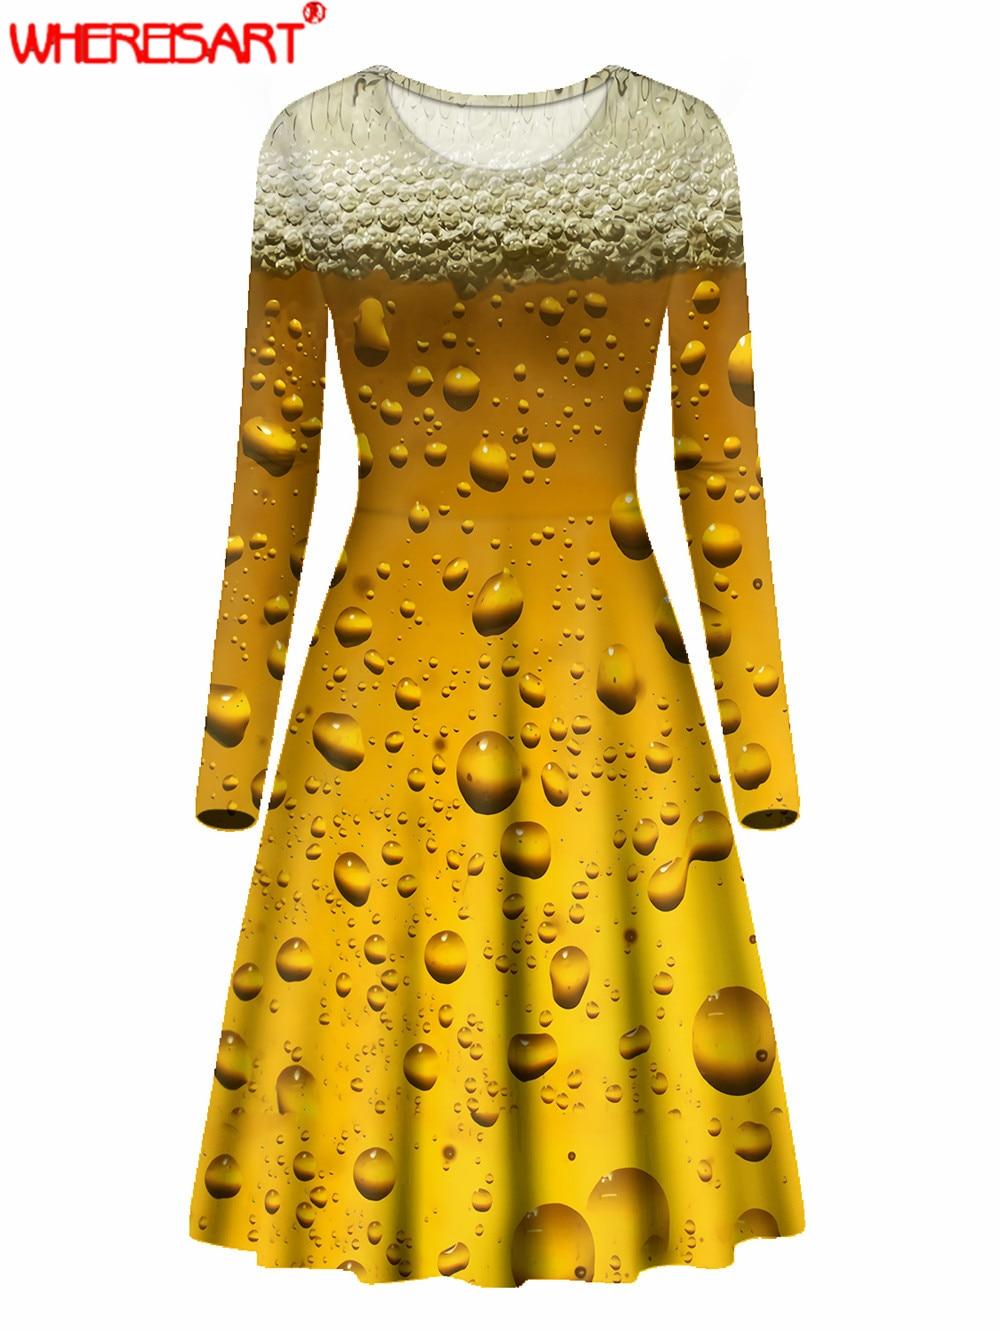 WHEREISART пива на 3D печатных размера плюс с длинным рукавом платье элегантное платье в стиле ретро для женщин с О-образным вырезом осенние высок...